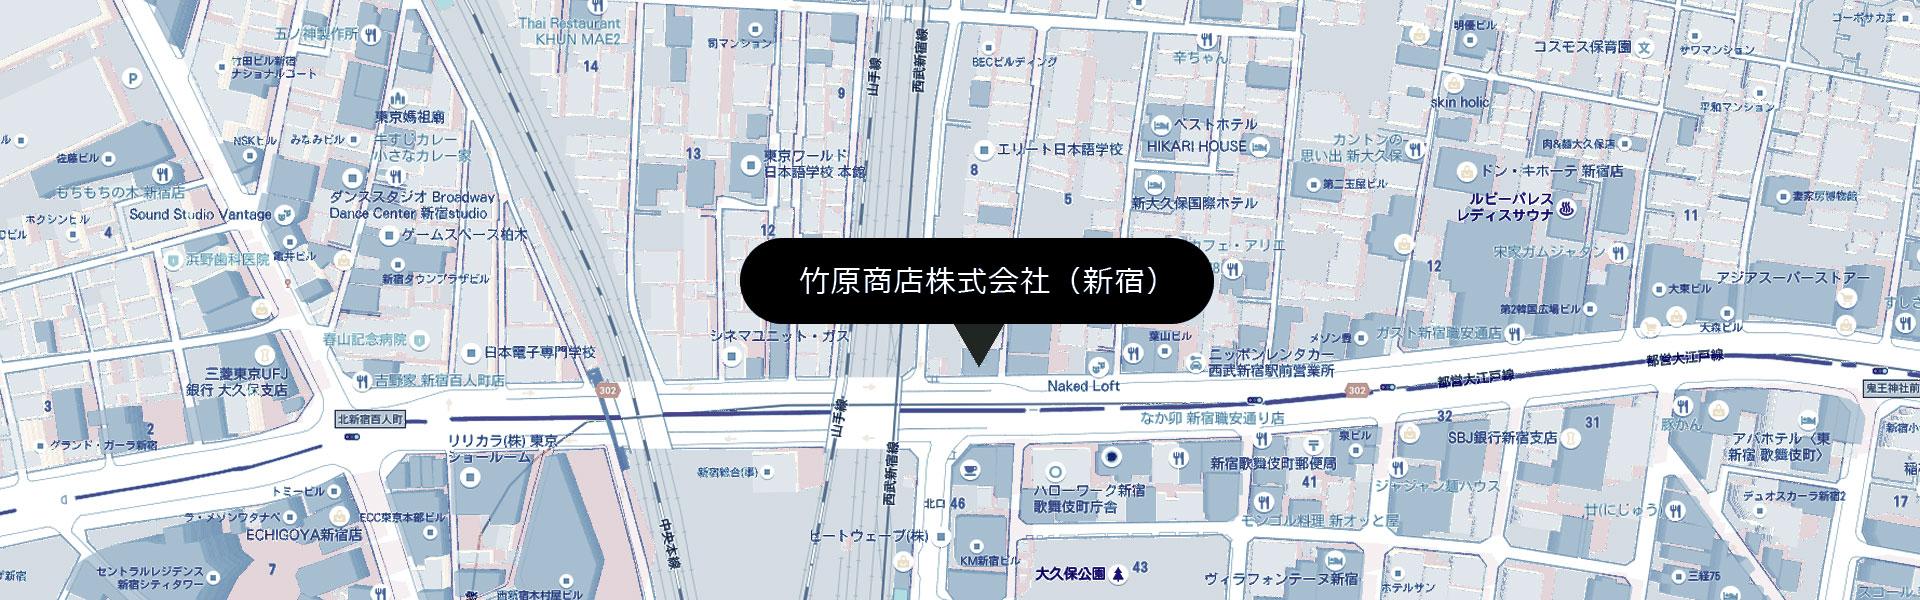 access-map-shinjuku